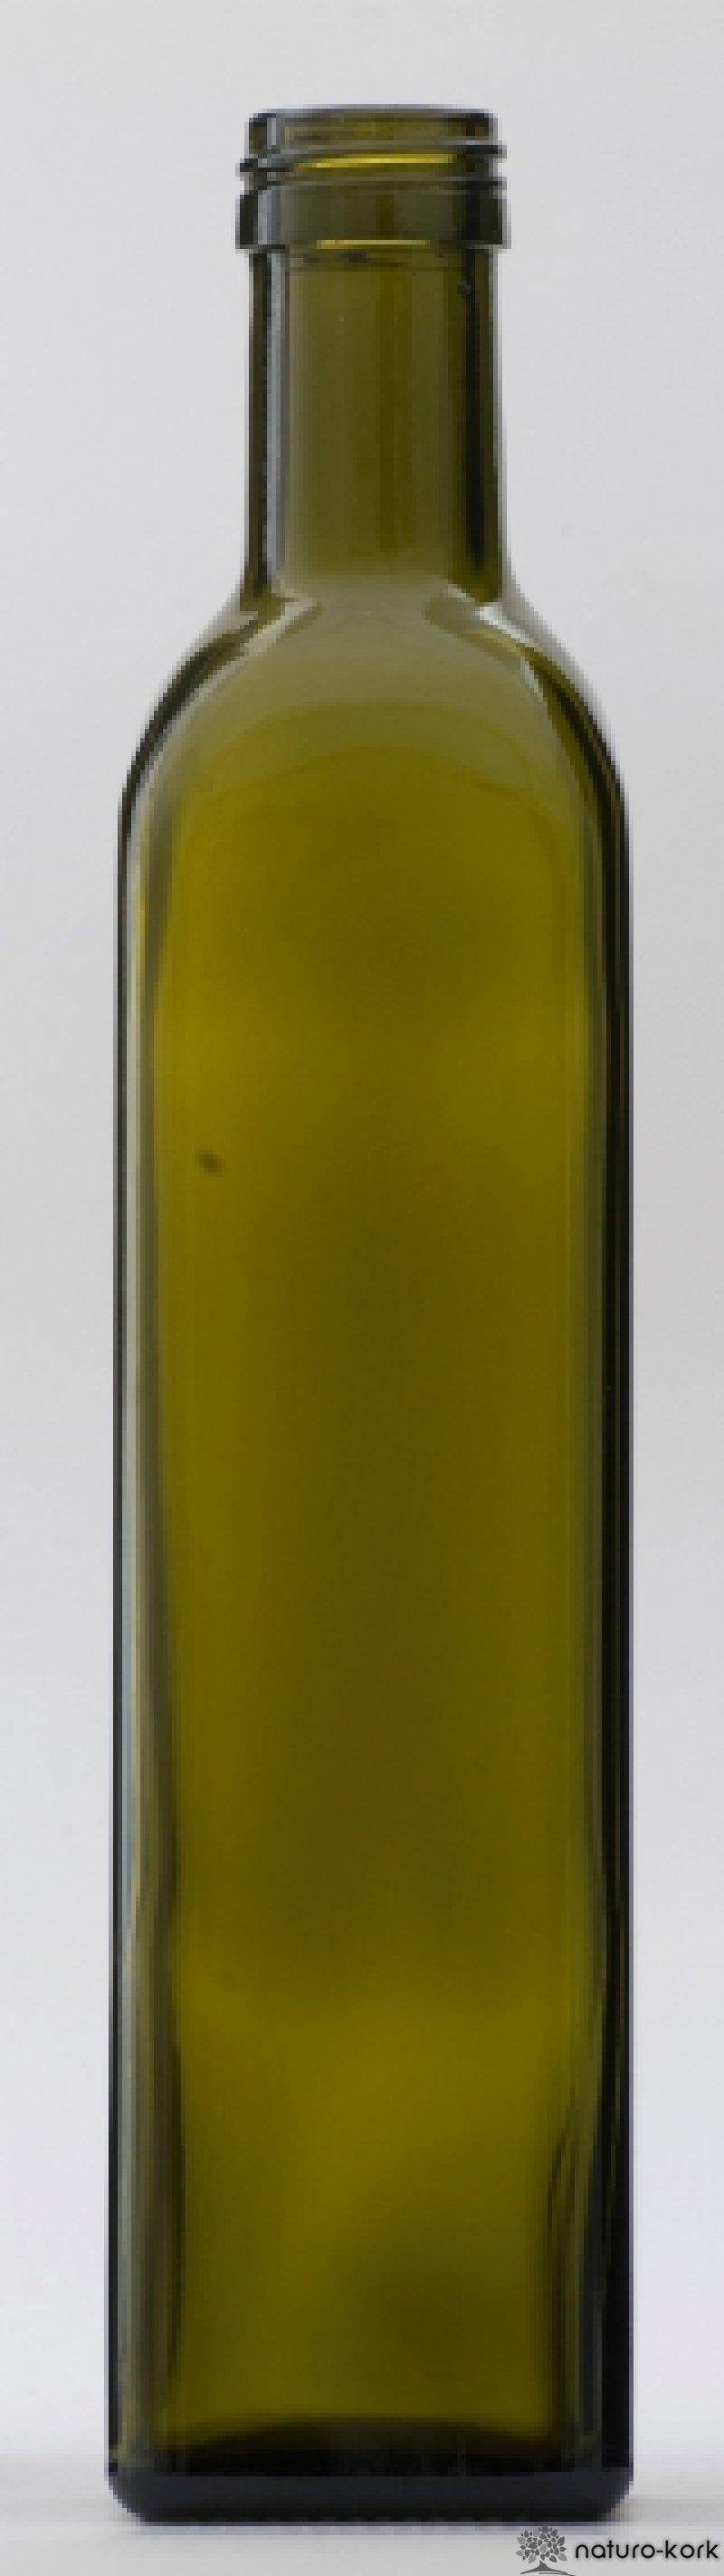 681 Maraska 50cl üvegpalack